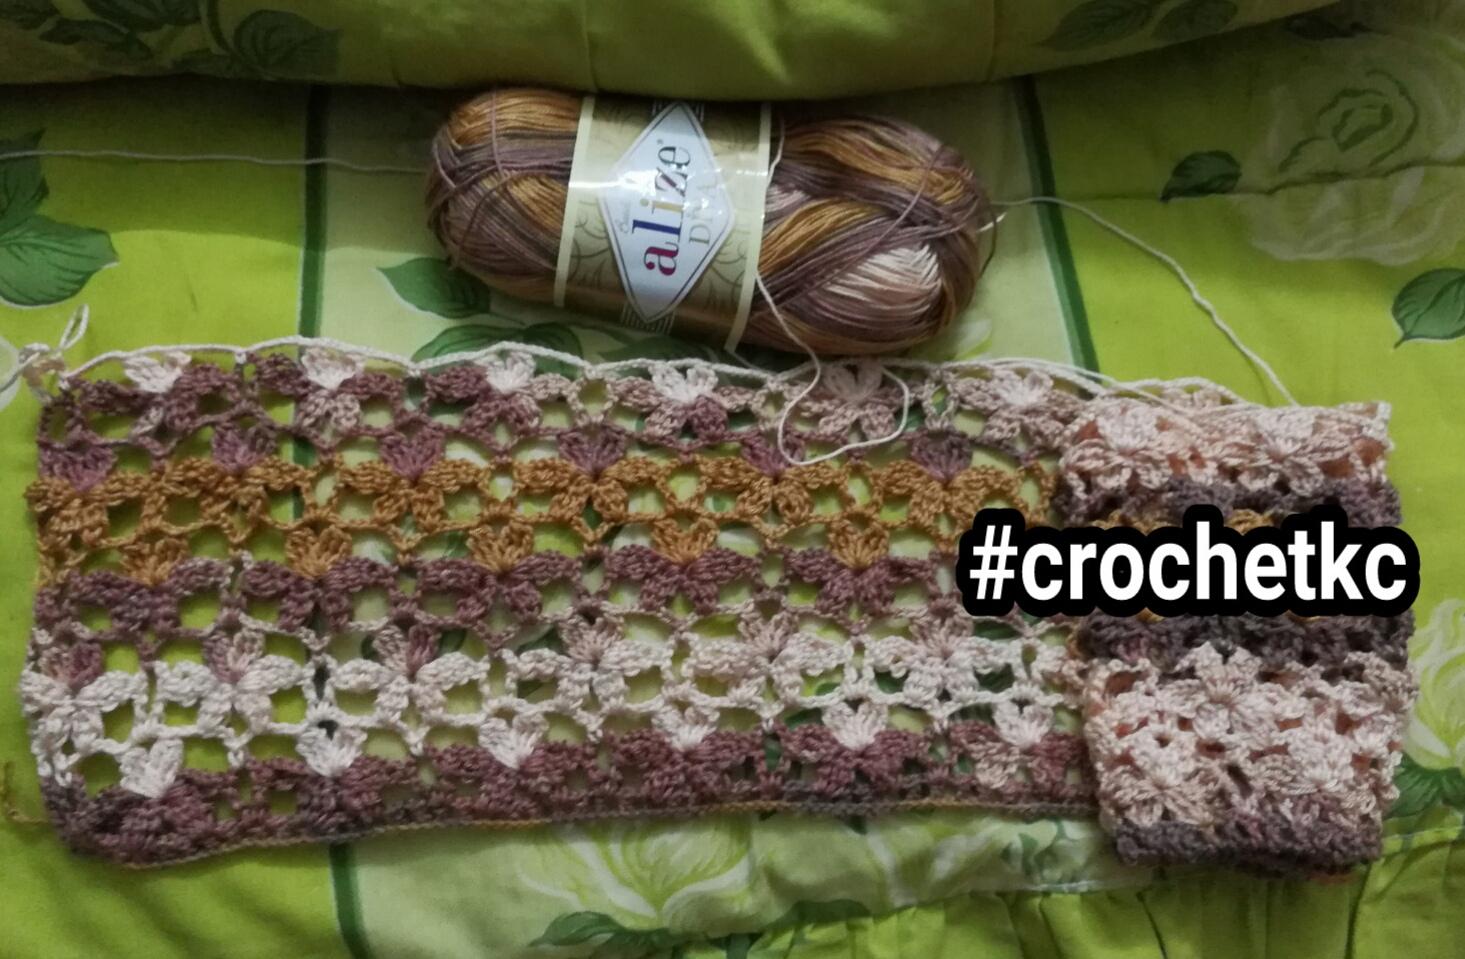 Kait kait bagi jadi shawl corak bunga mengait diagram ada tetapi sudah terpadam pulaktidak pasti lagi apa kc nak buat dengan corak bunga inila sudah jadi beberapa baris nampak cantik ccuart Gallery